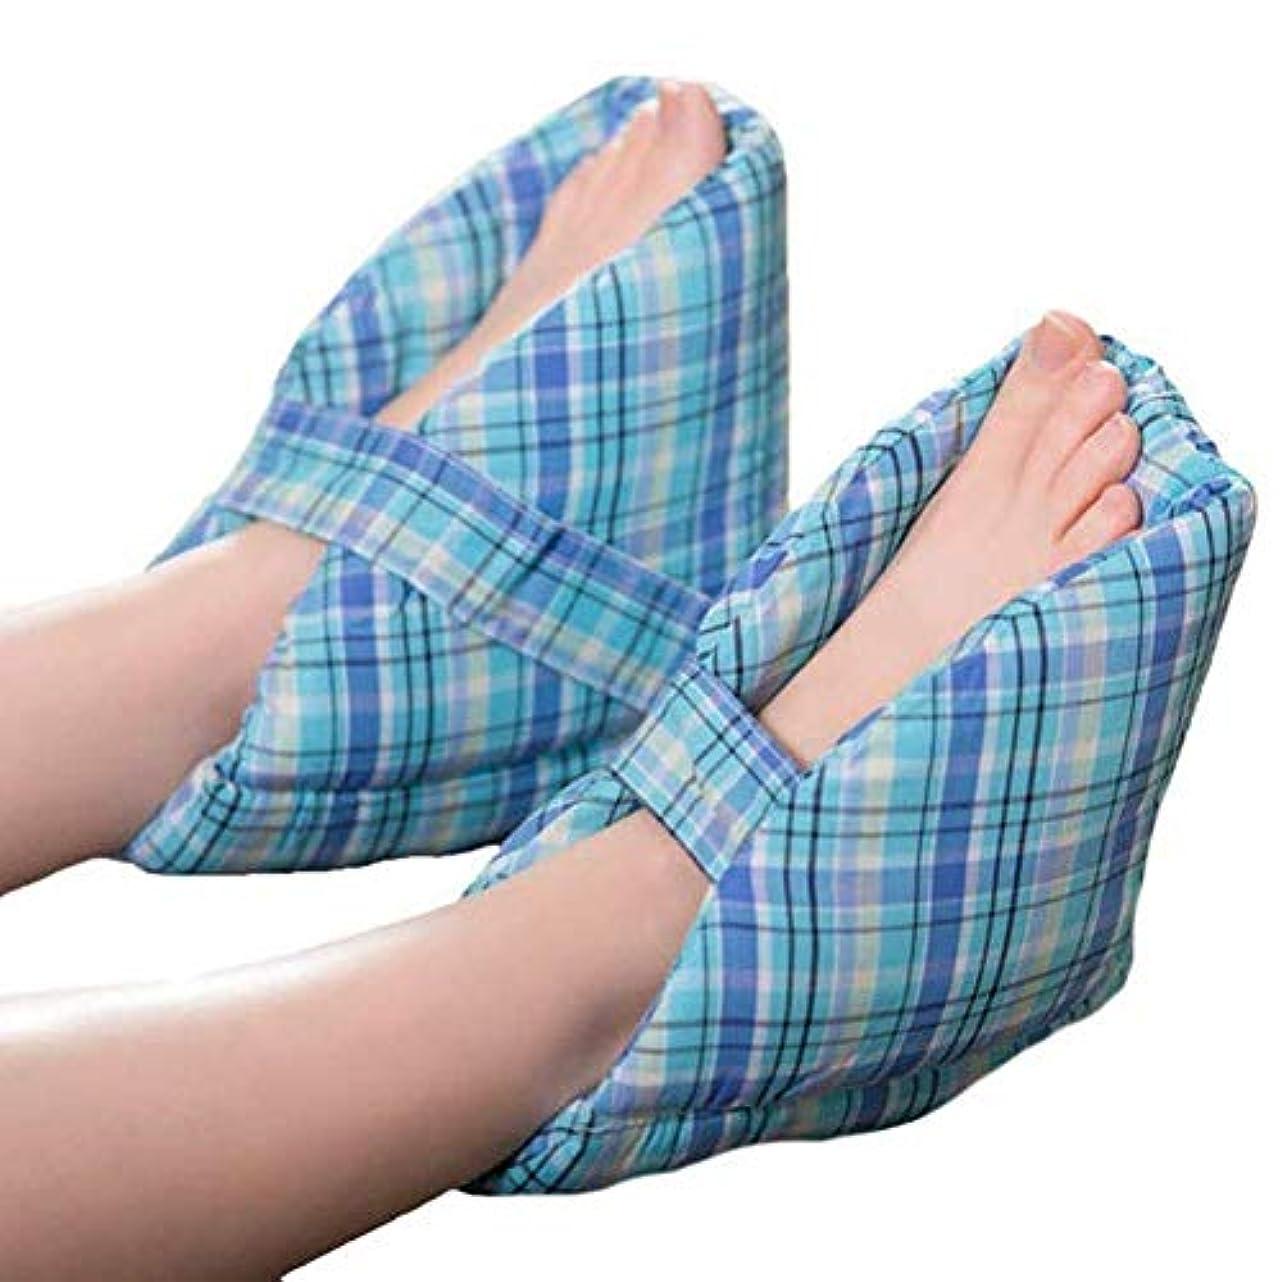 教育者ハンマーフクロウかかとプロテクター柔らかく快適な履き心地により、足の枕、かかとのクッション、かかとの保護、1ペアが見つかります